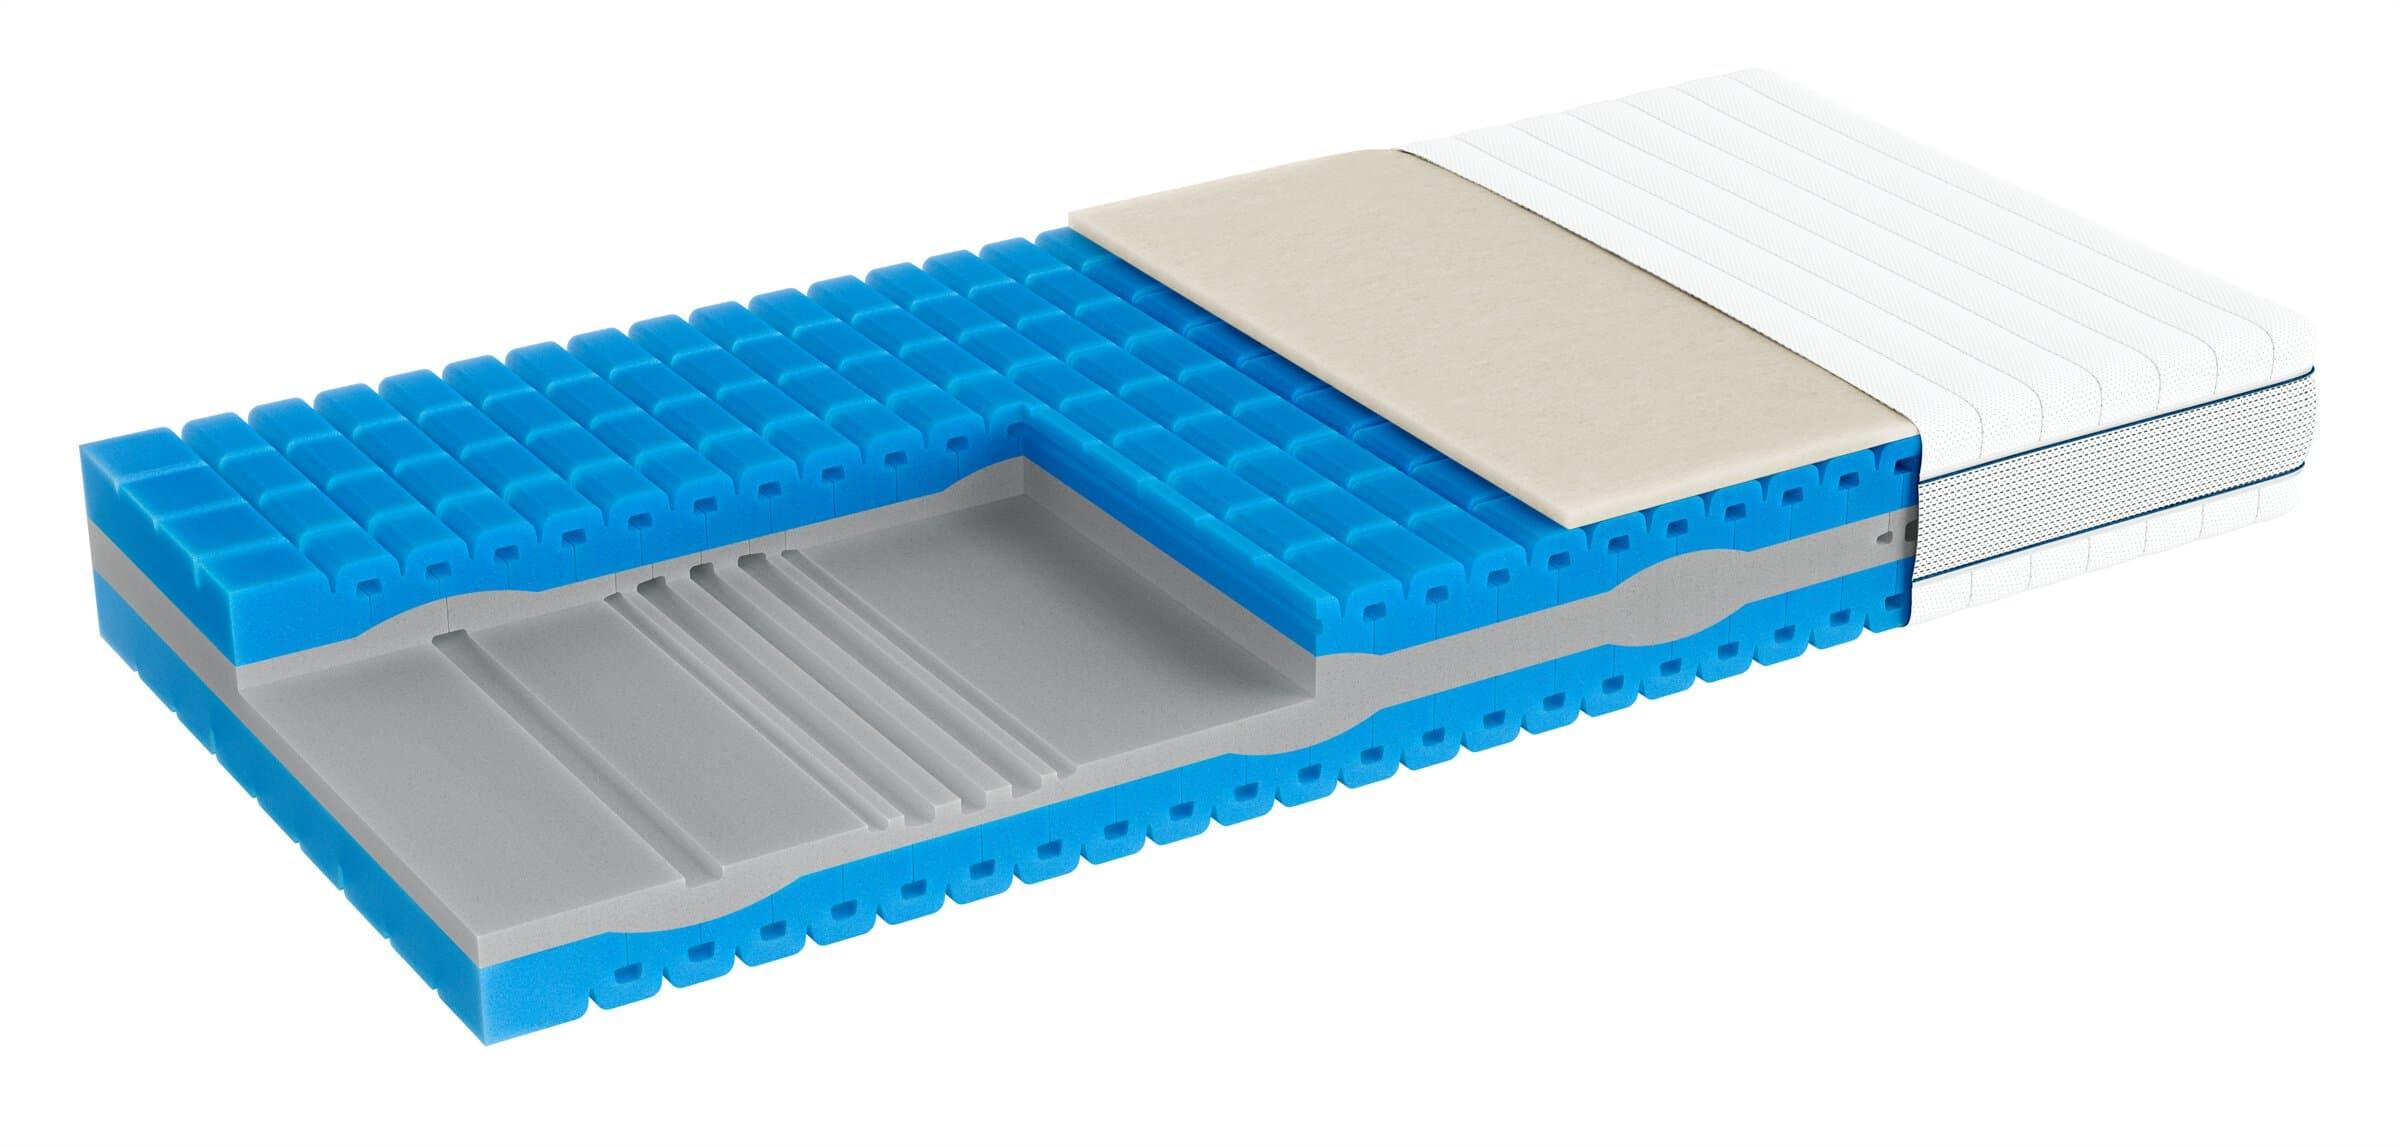 bico STARTOP Float firm Matratze